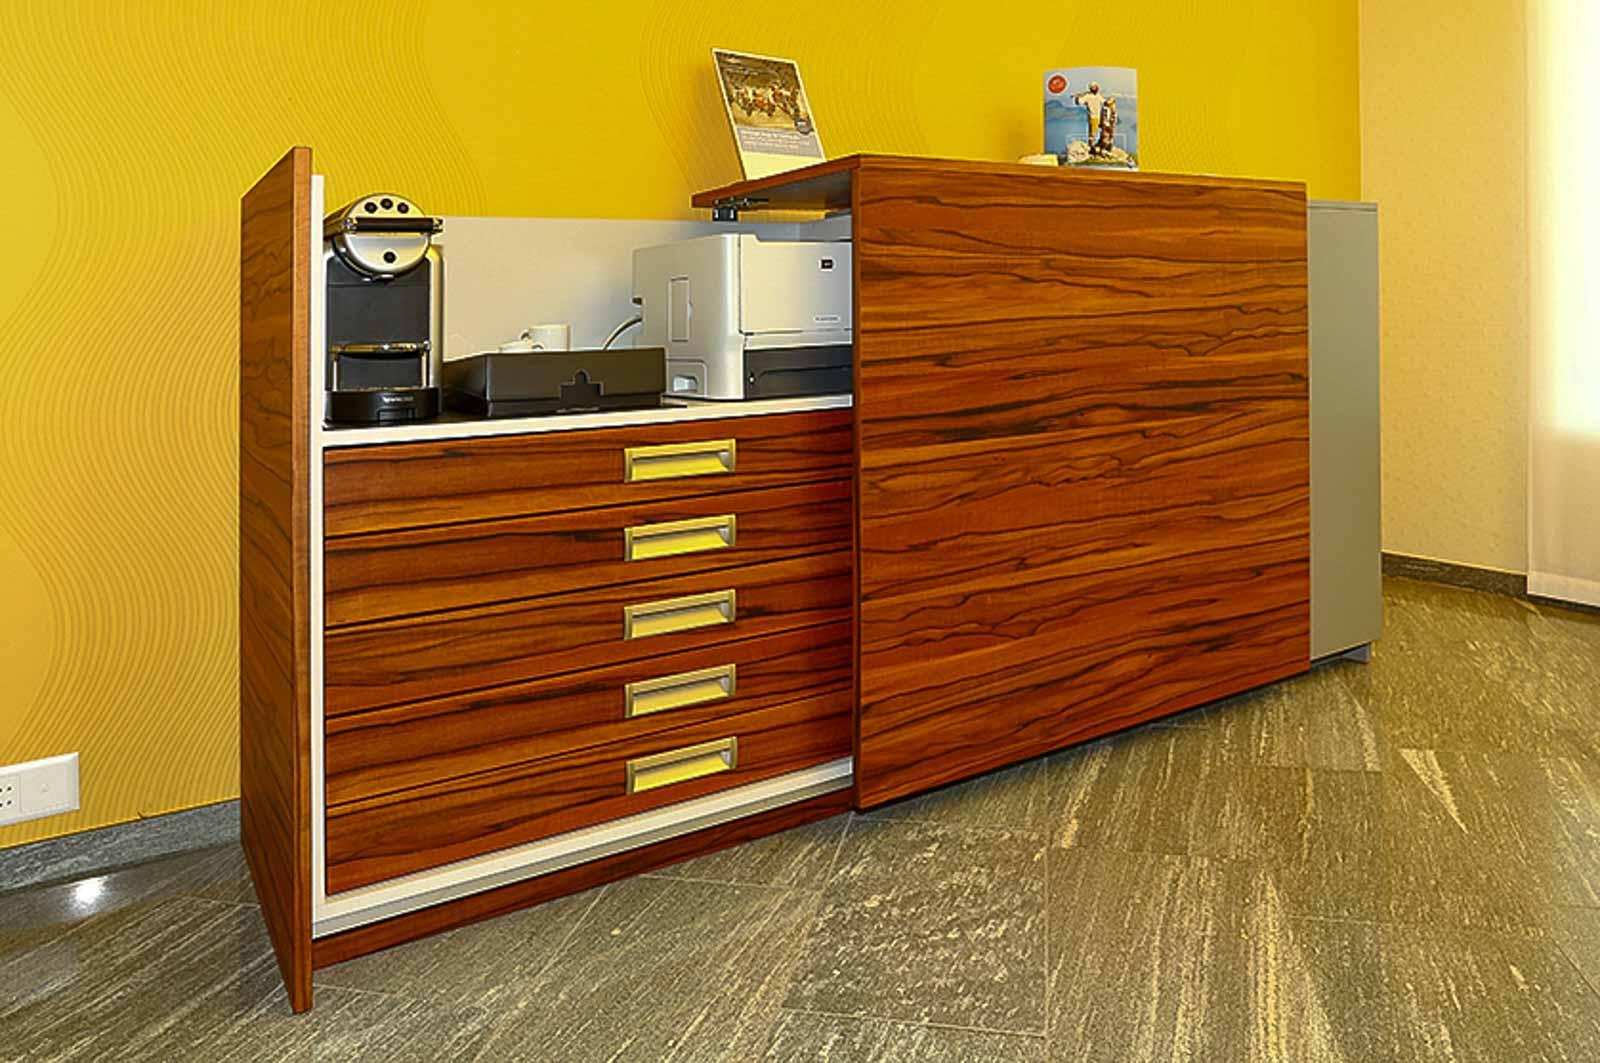 Wooddesign_Büro_Homeoffice_Schreibtisch_höhenverstellbar_Regal_Schubladen_Wandschrank_Sideboard_Besprechungstisch_Empfangstheke (6)